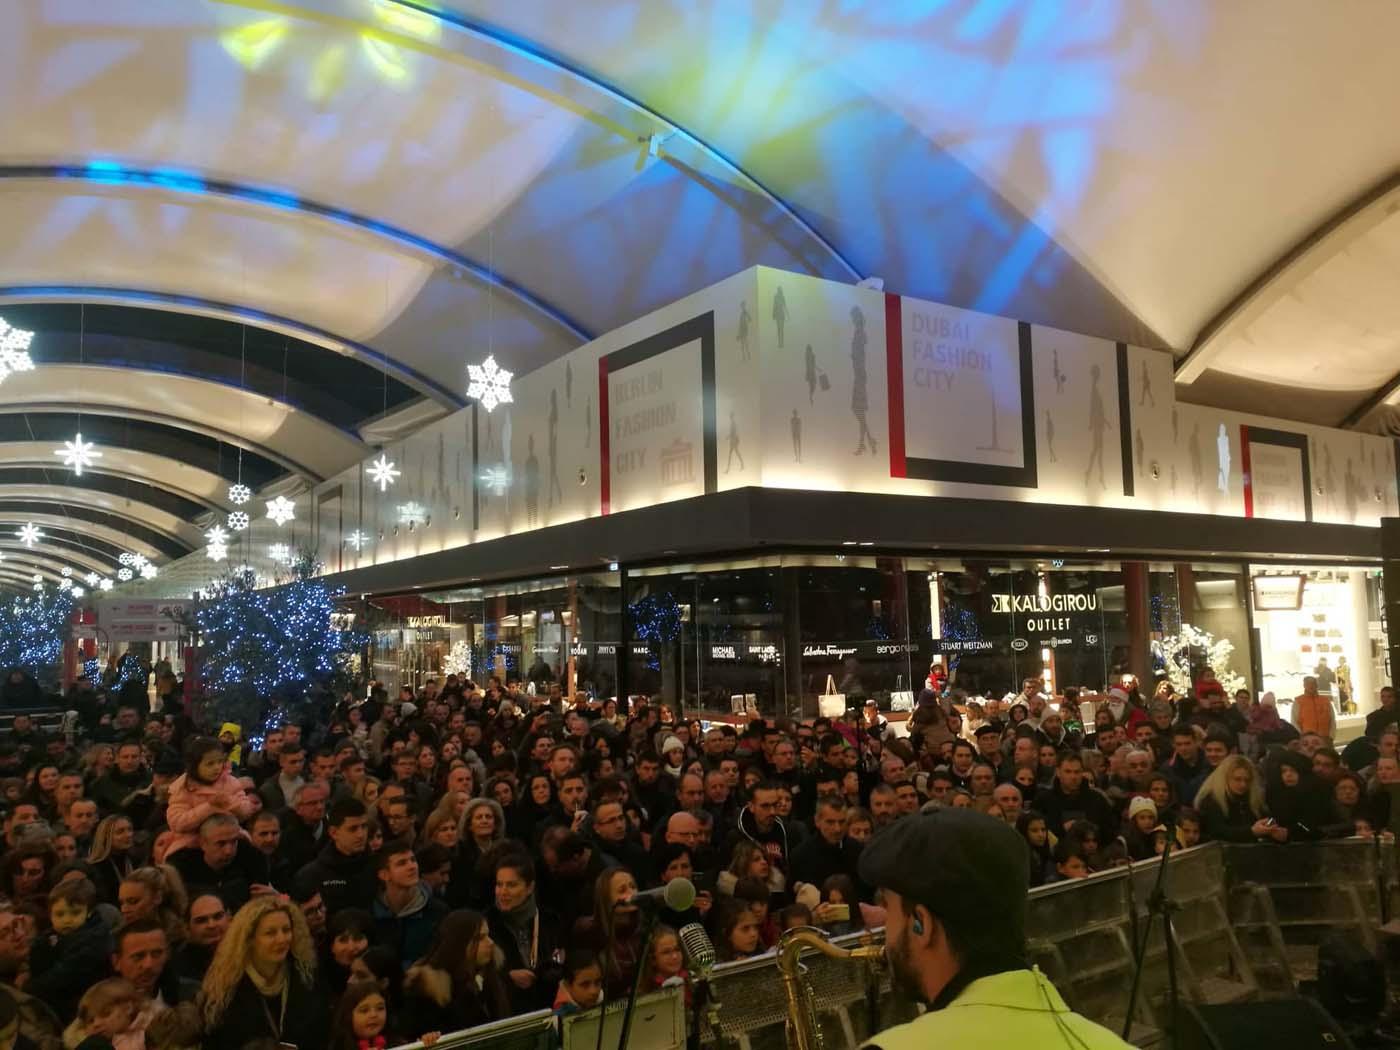 Ξεσήκωσε τους Λαρισαίους ο Τόνι Σφήνος στο Fashion City Outlet (φωτό - video)